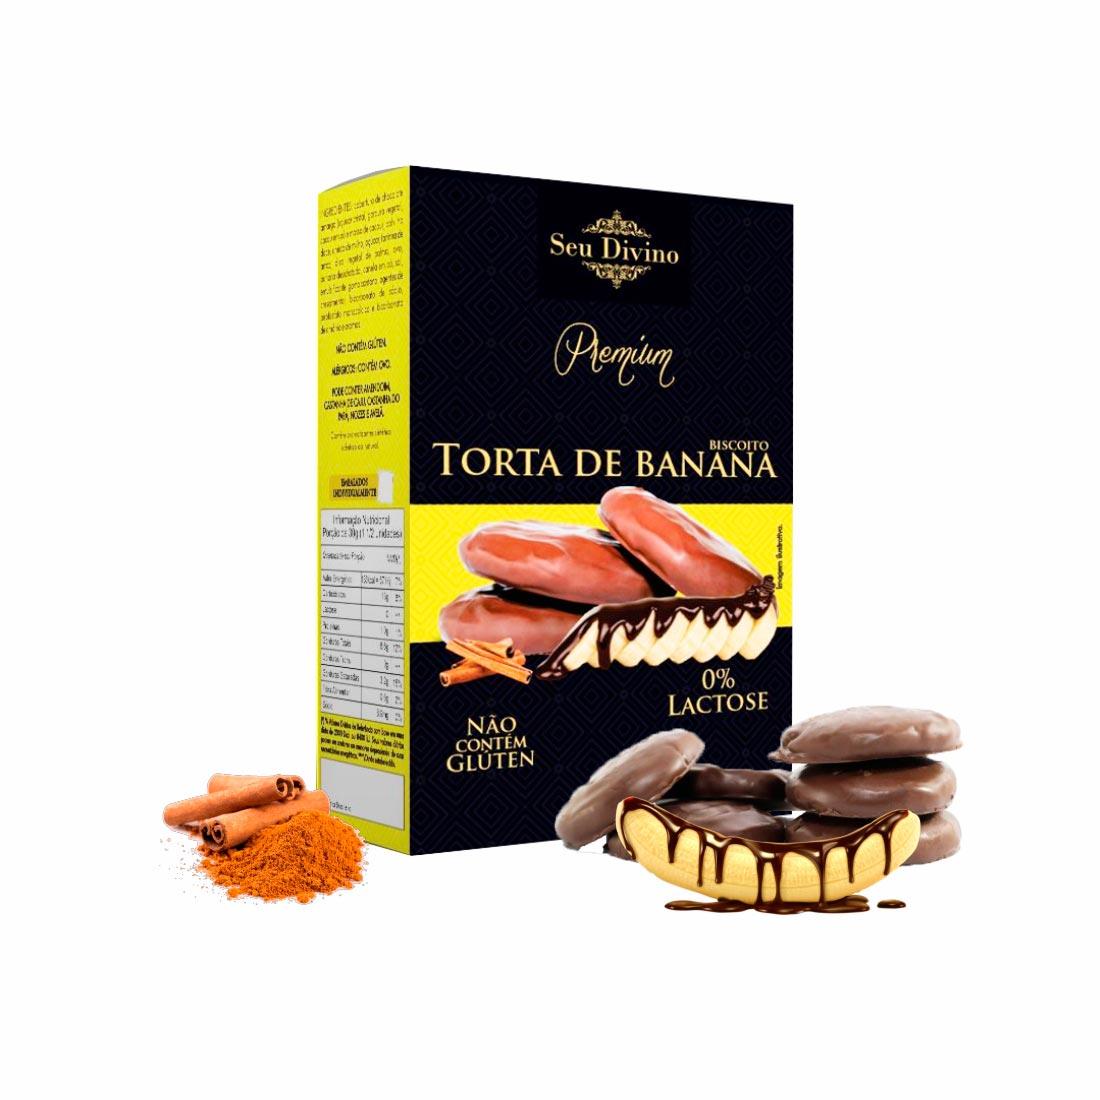 TORTA DE BANANA PREMIUM SEU DIVINO S/GLÚTEN 0%LACTOSE VEGANO 120G